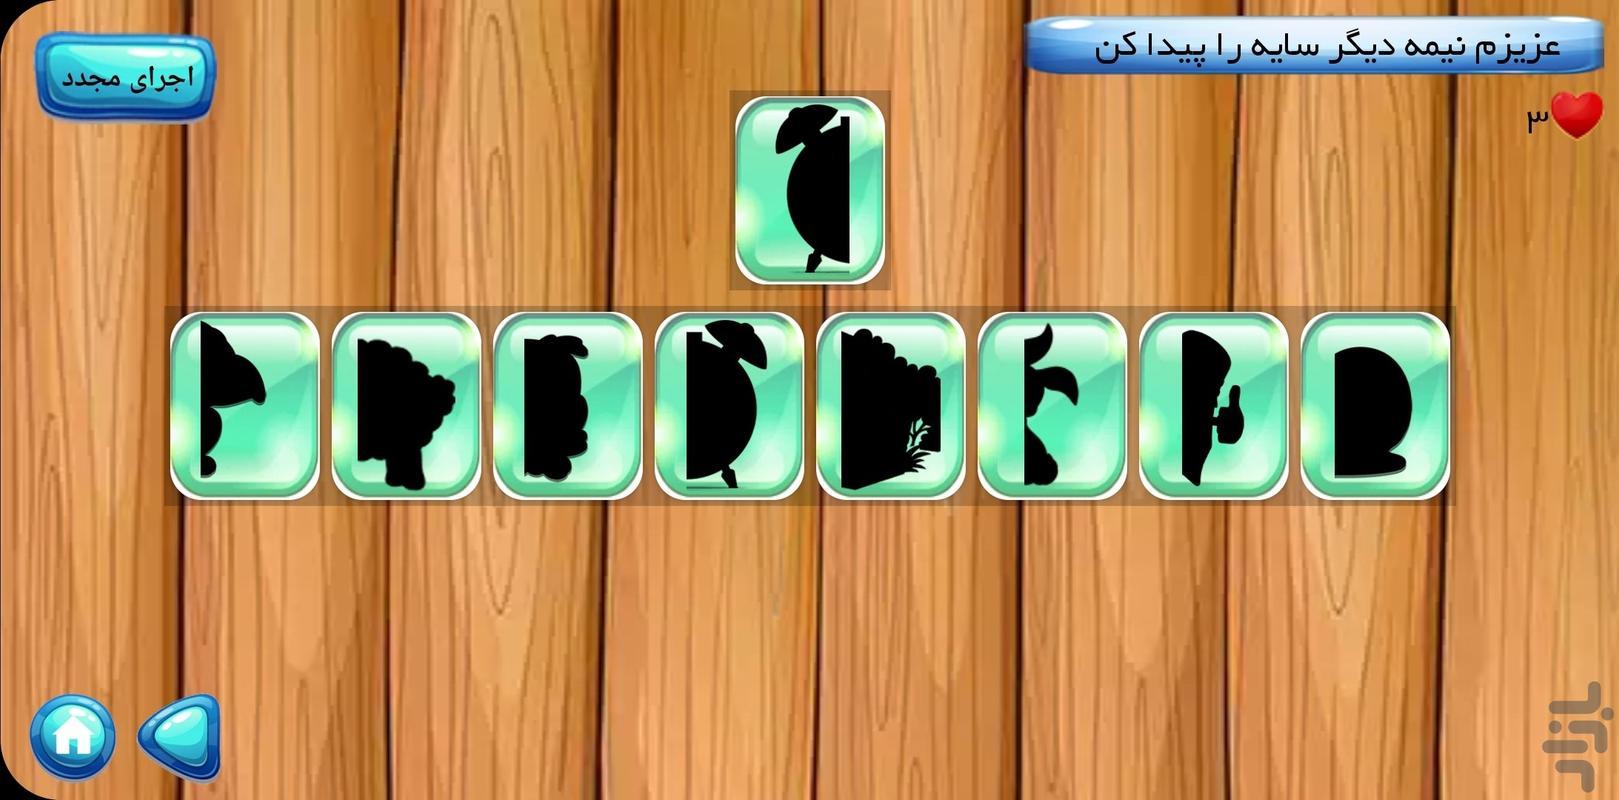 کاربرگ کودکانه(تقویت هوش چند گانه) - عکس برنامه موبایلی اندروید